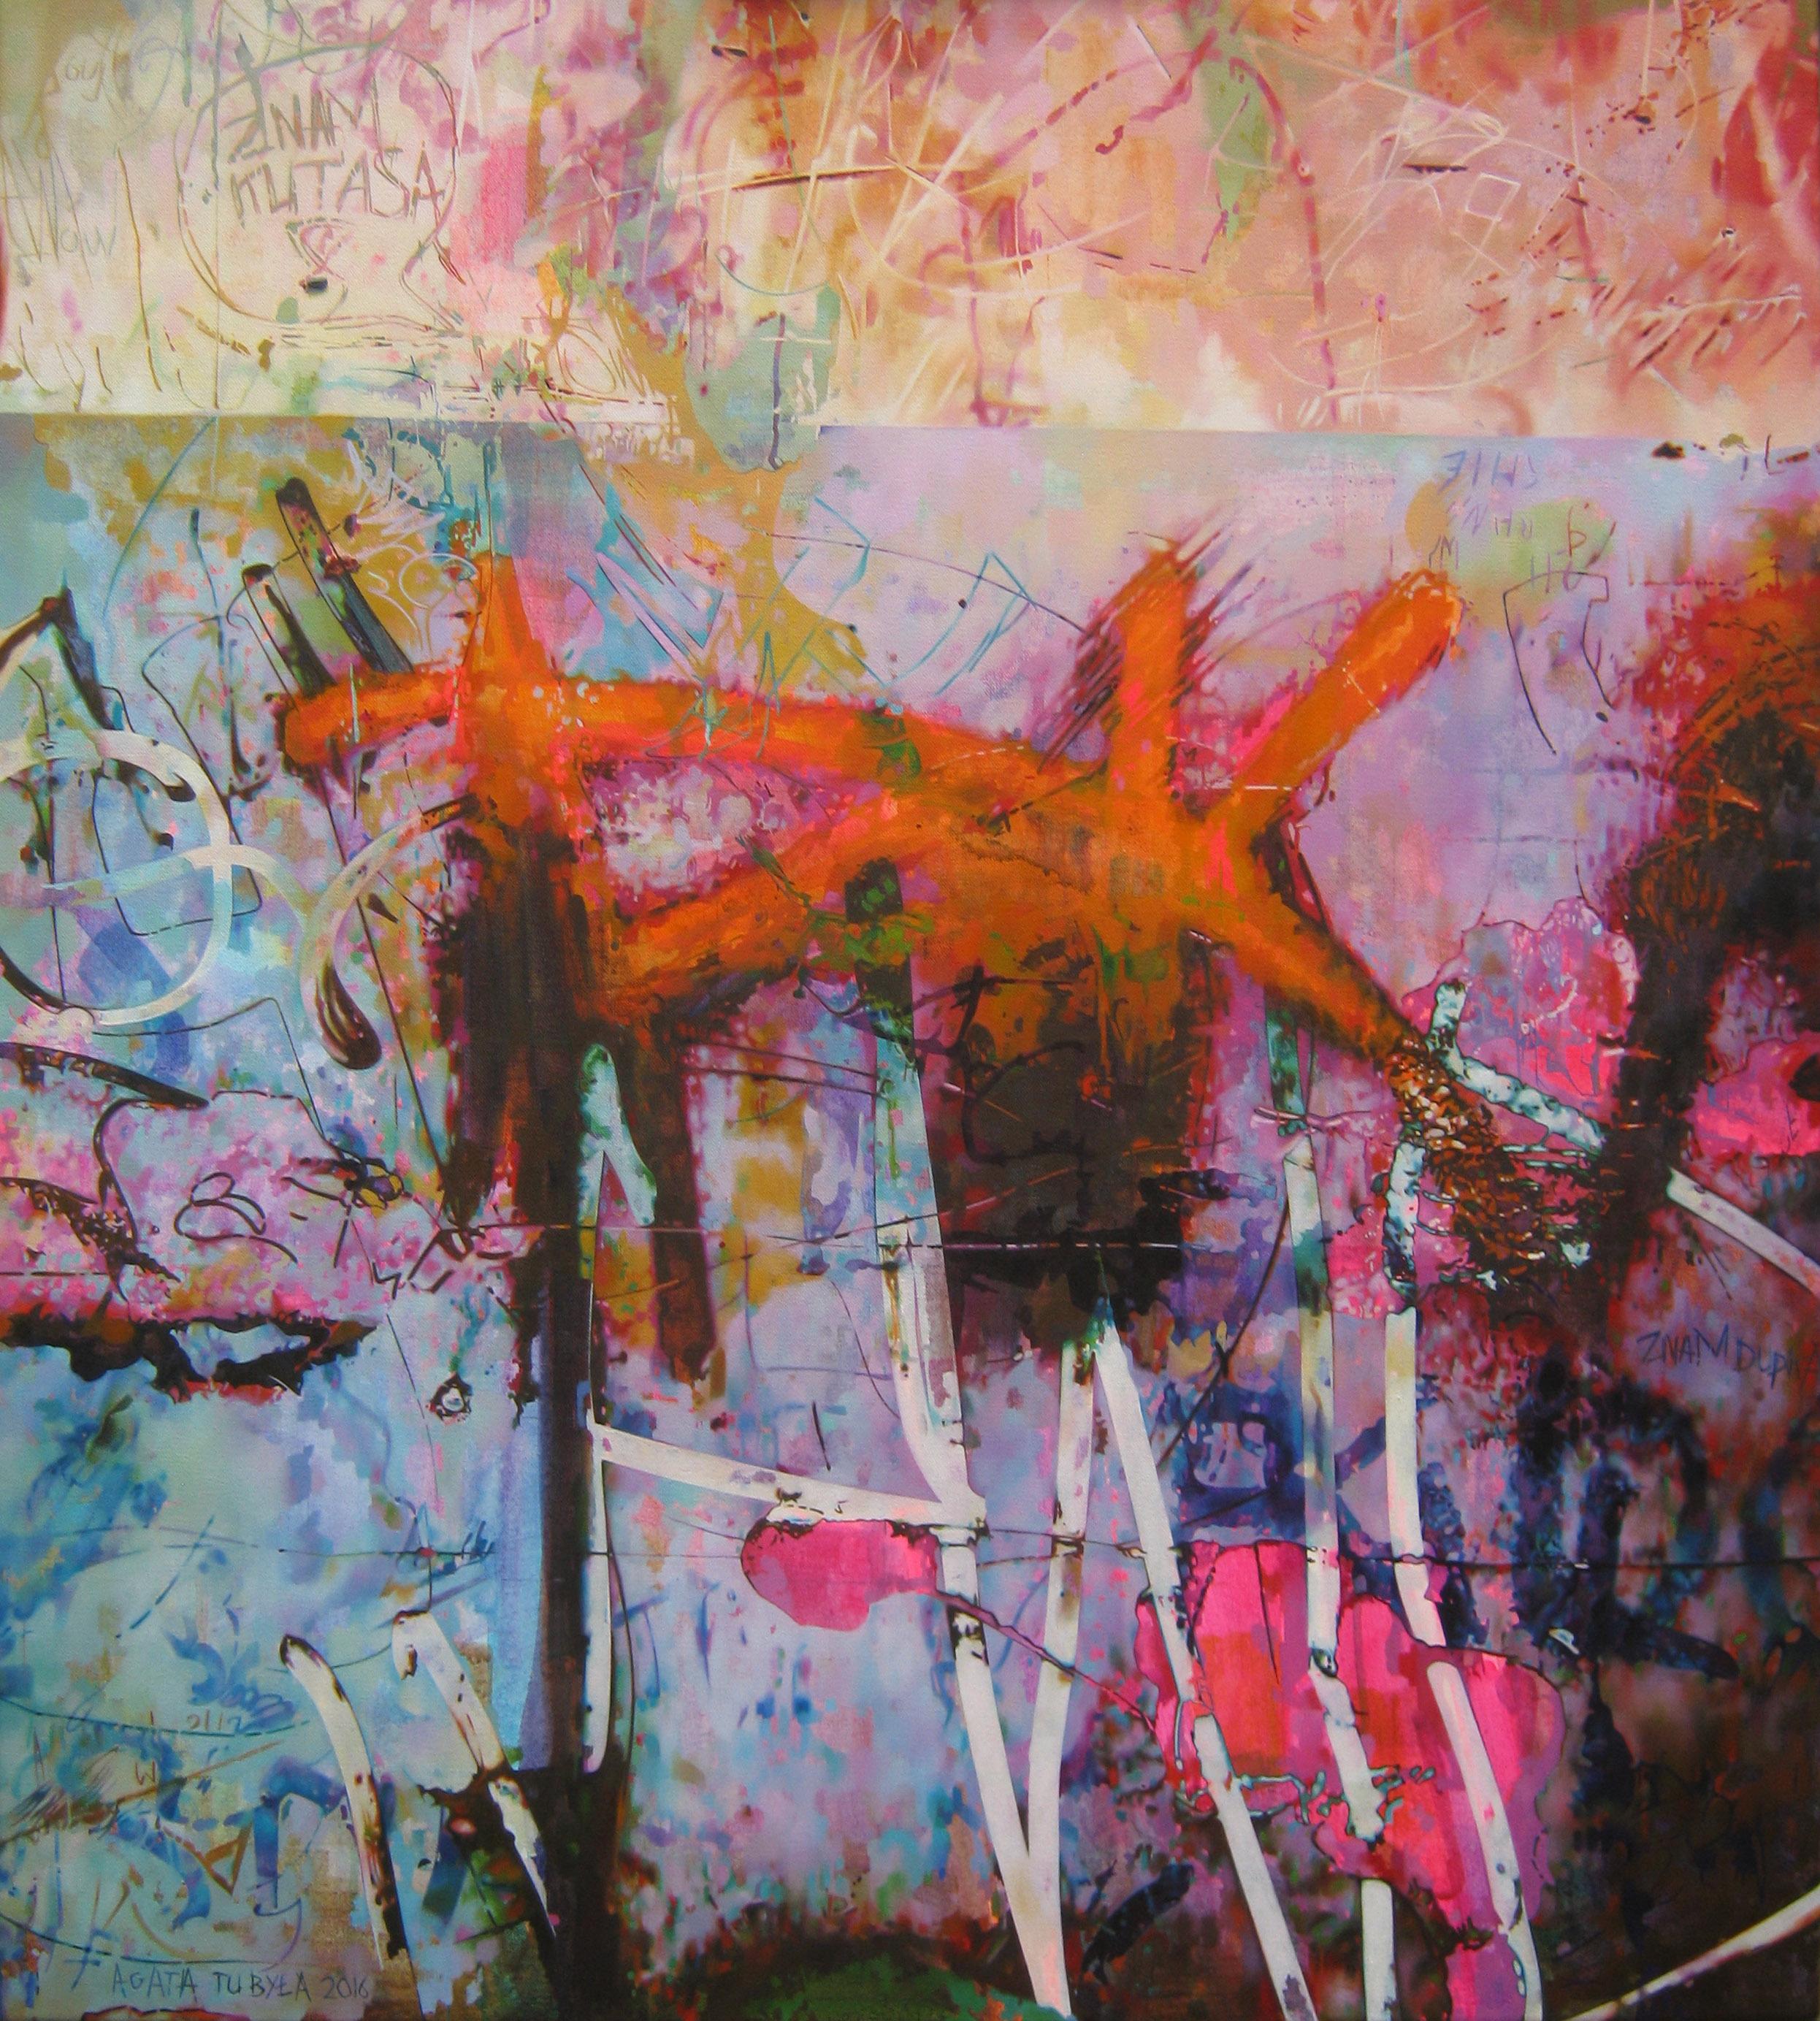 The Wall 70x80cm Oil & Acrylic